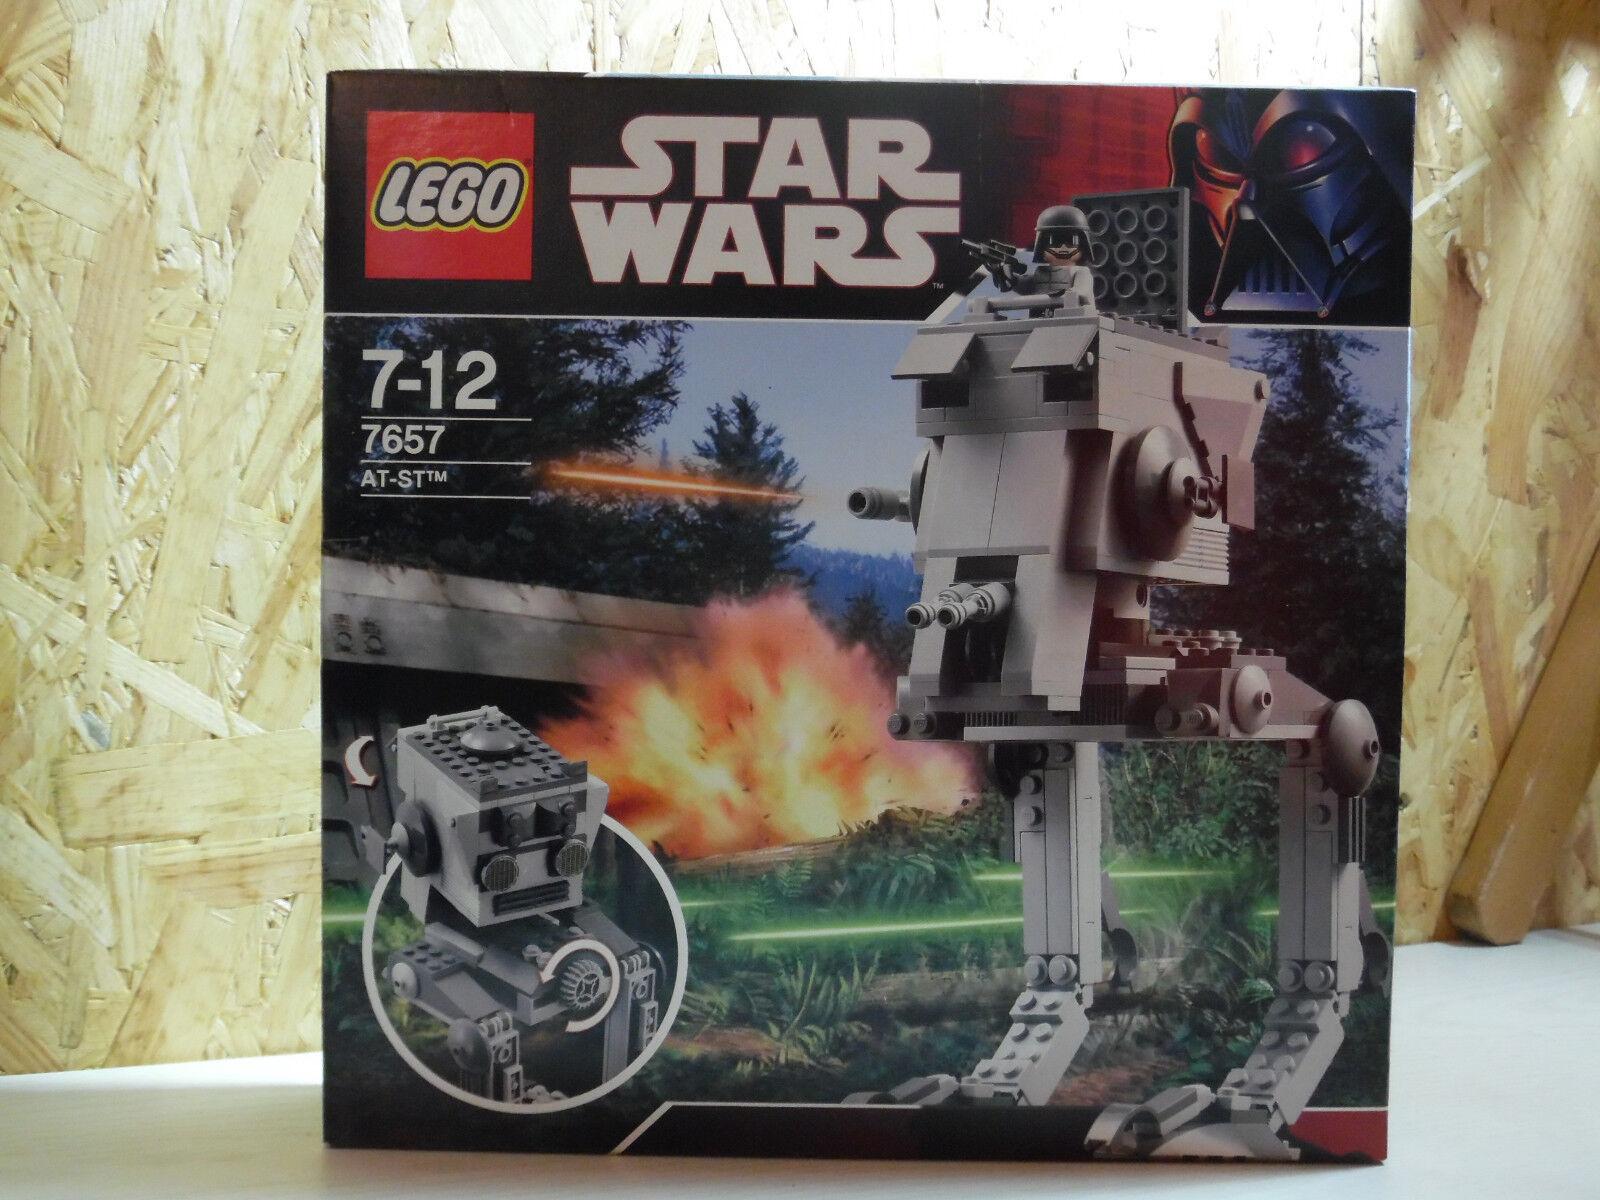 LEGO Star Wars / AT-ST / 7657 / Neu und OVP